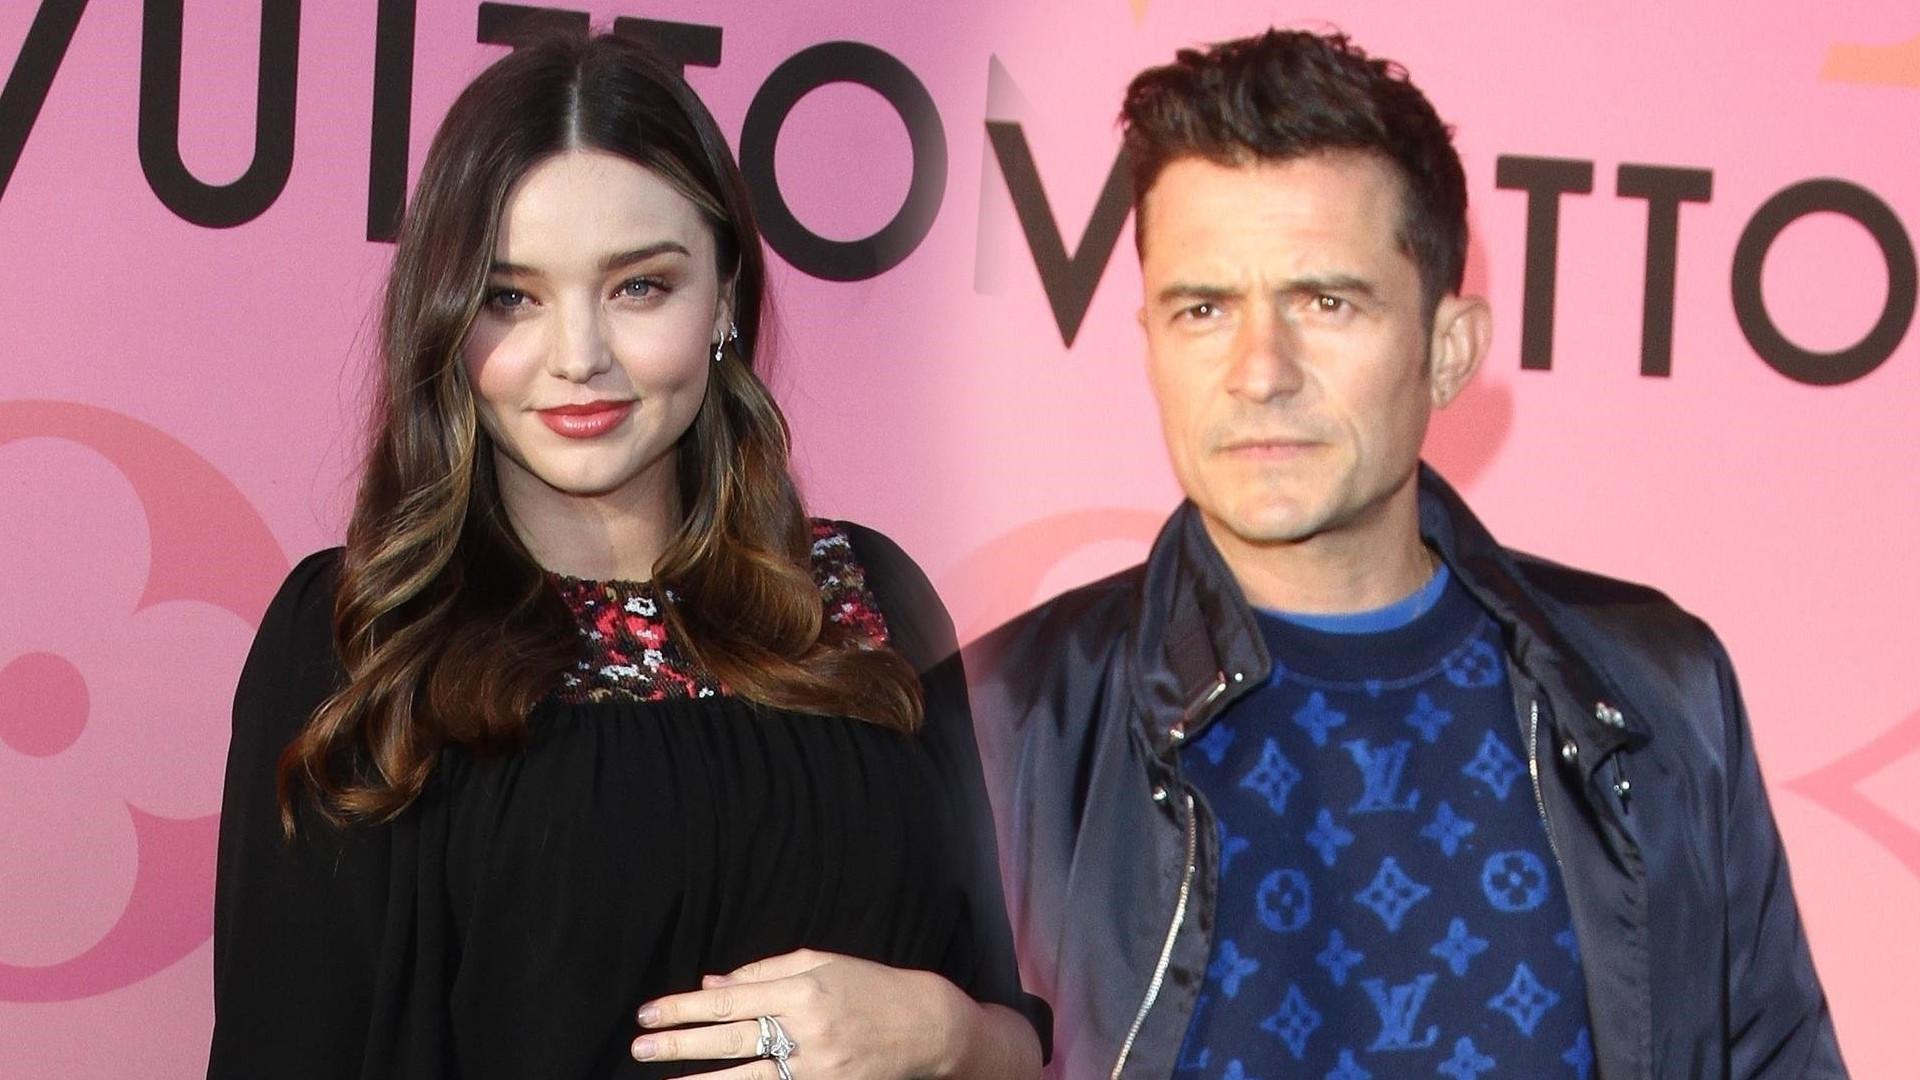 Miranda Kerr z DUŻYM ciążowym brzuszkiem i jej były mąż, Orlando Bloom na tej samej imprezie Louis Vuitton (ZDJĘCIA)